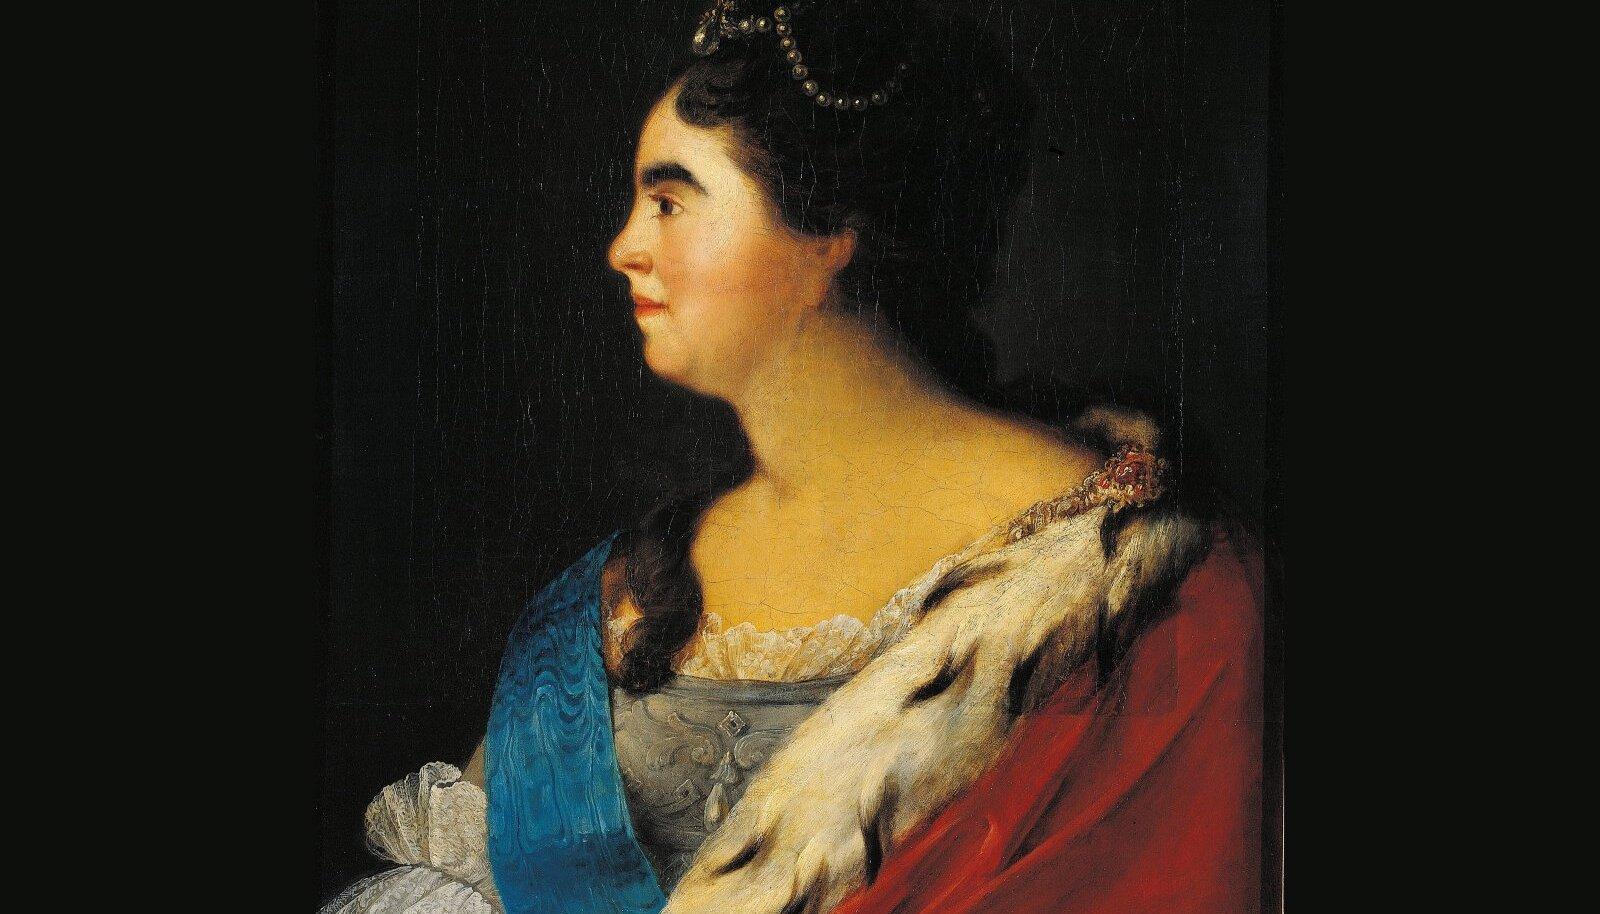 Katariina I oli kaasaegsete mälestuse järgi heleda naha ja tumeda peaga naine, kelle kirjeldus ei vasta siiski sellele kuidas me endale eestlast ette kujutame.